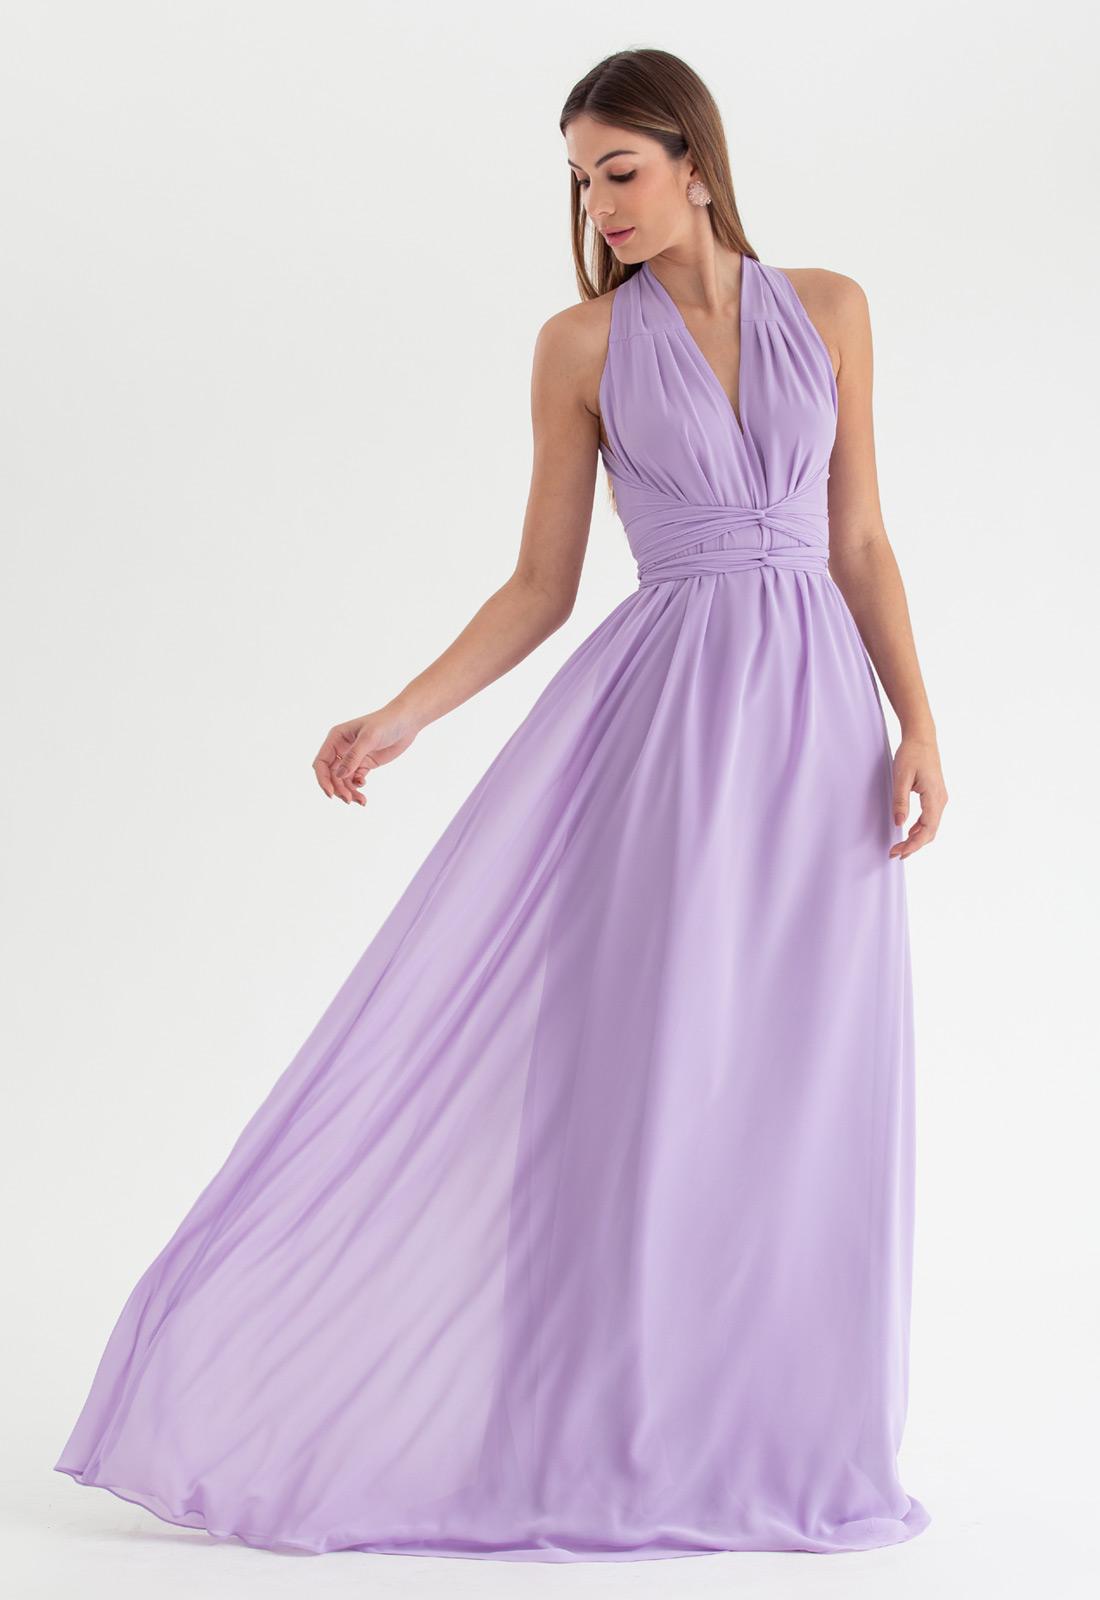 Vestido de festa Lilás multi-tamanho Ref. 2580